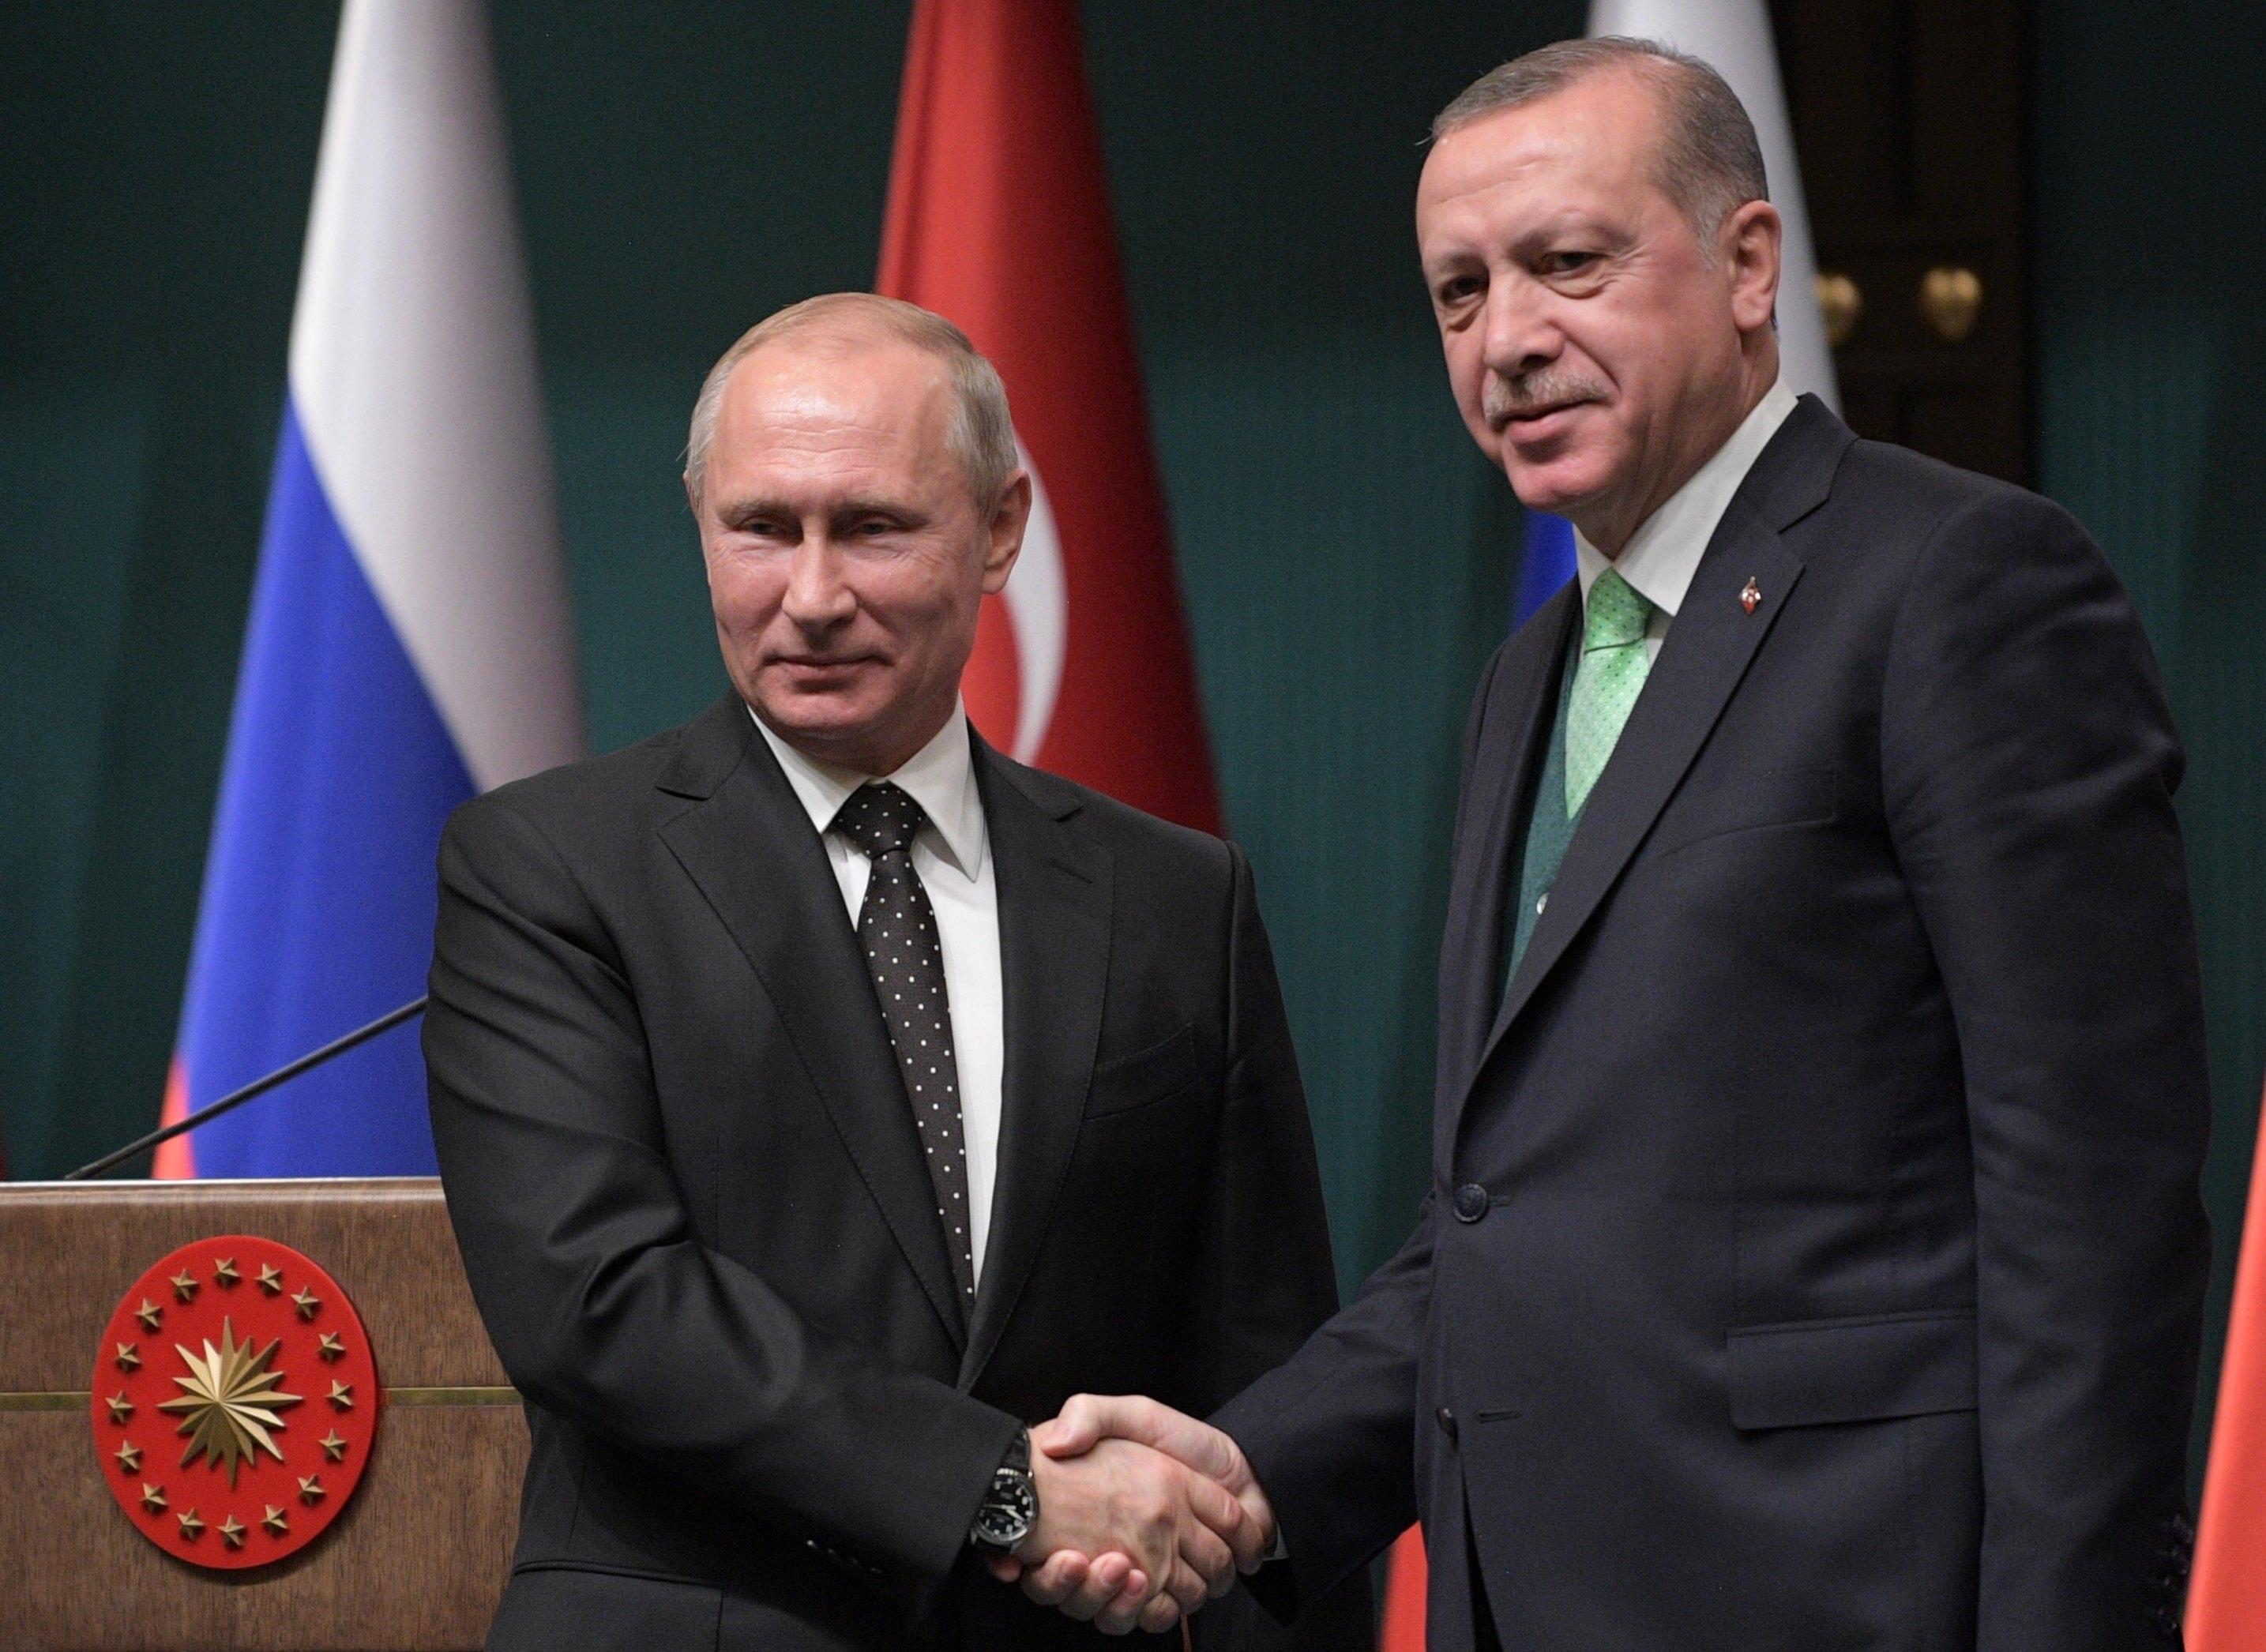 Συνομιλία Πούτιν – Ερντογάν για Συρία και ενεργειακά | tovima.gr